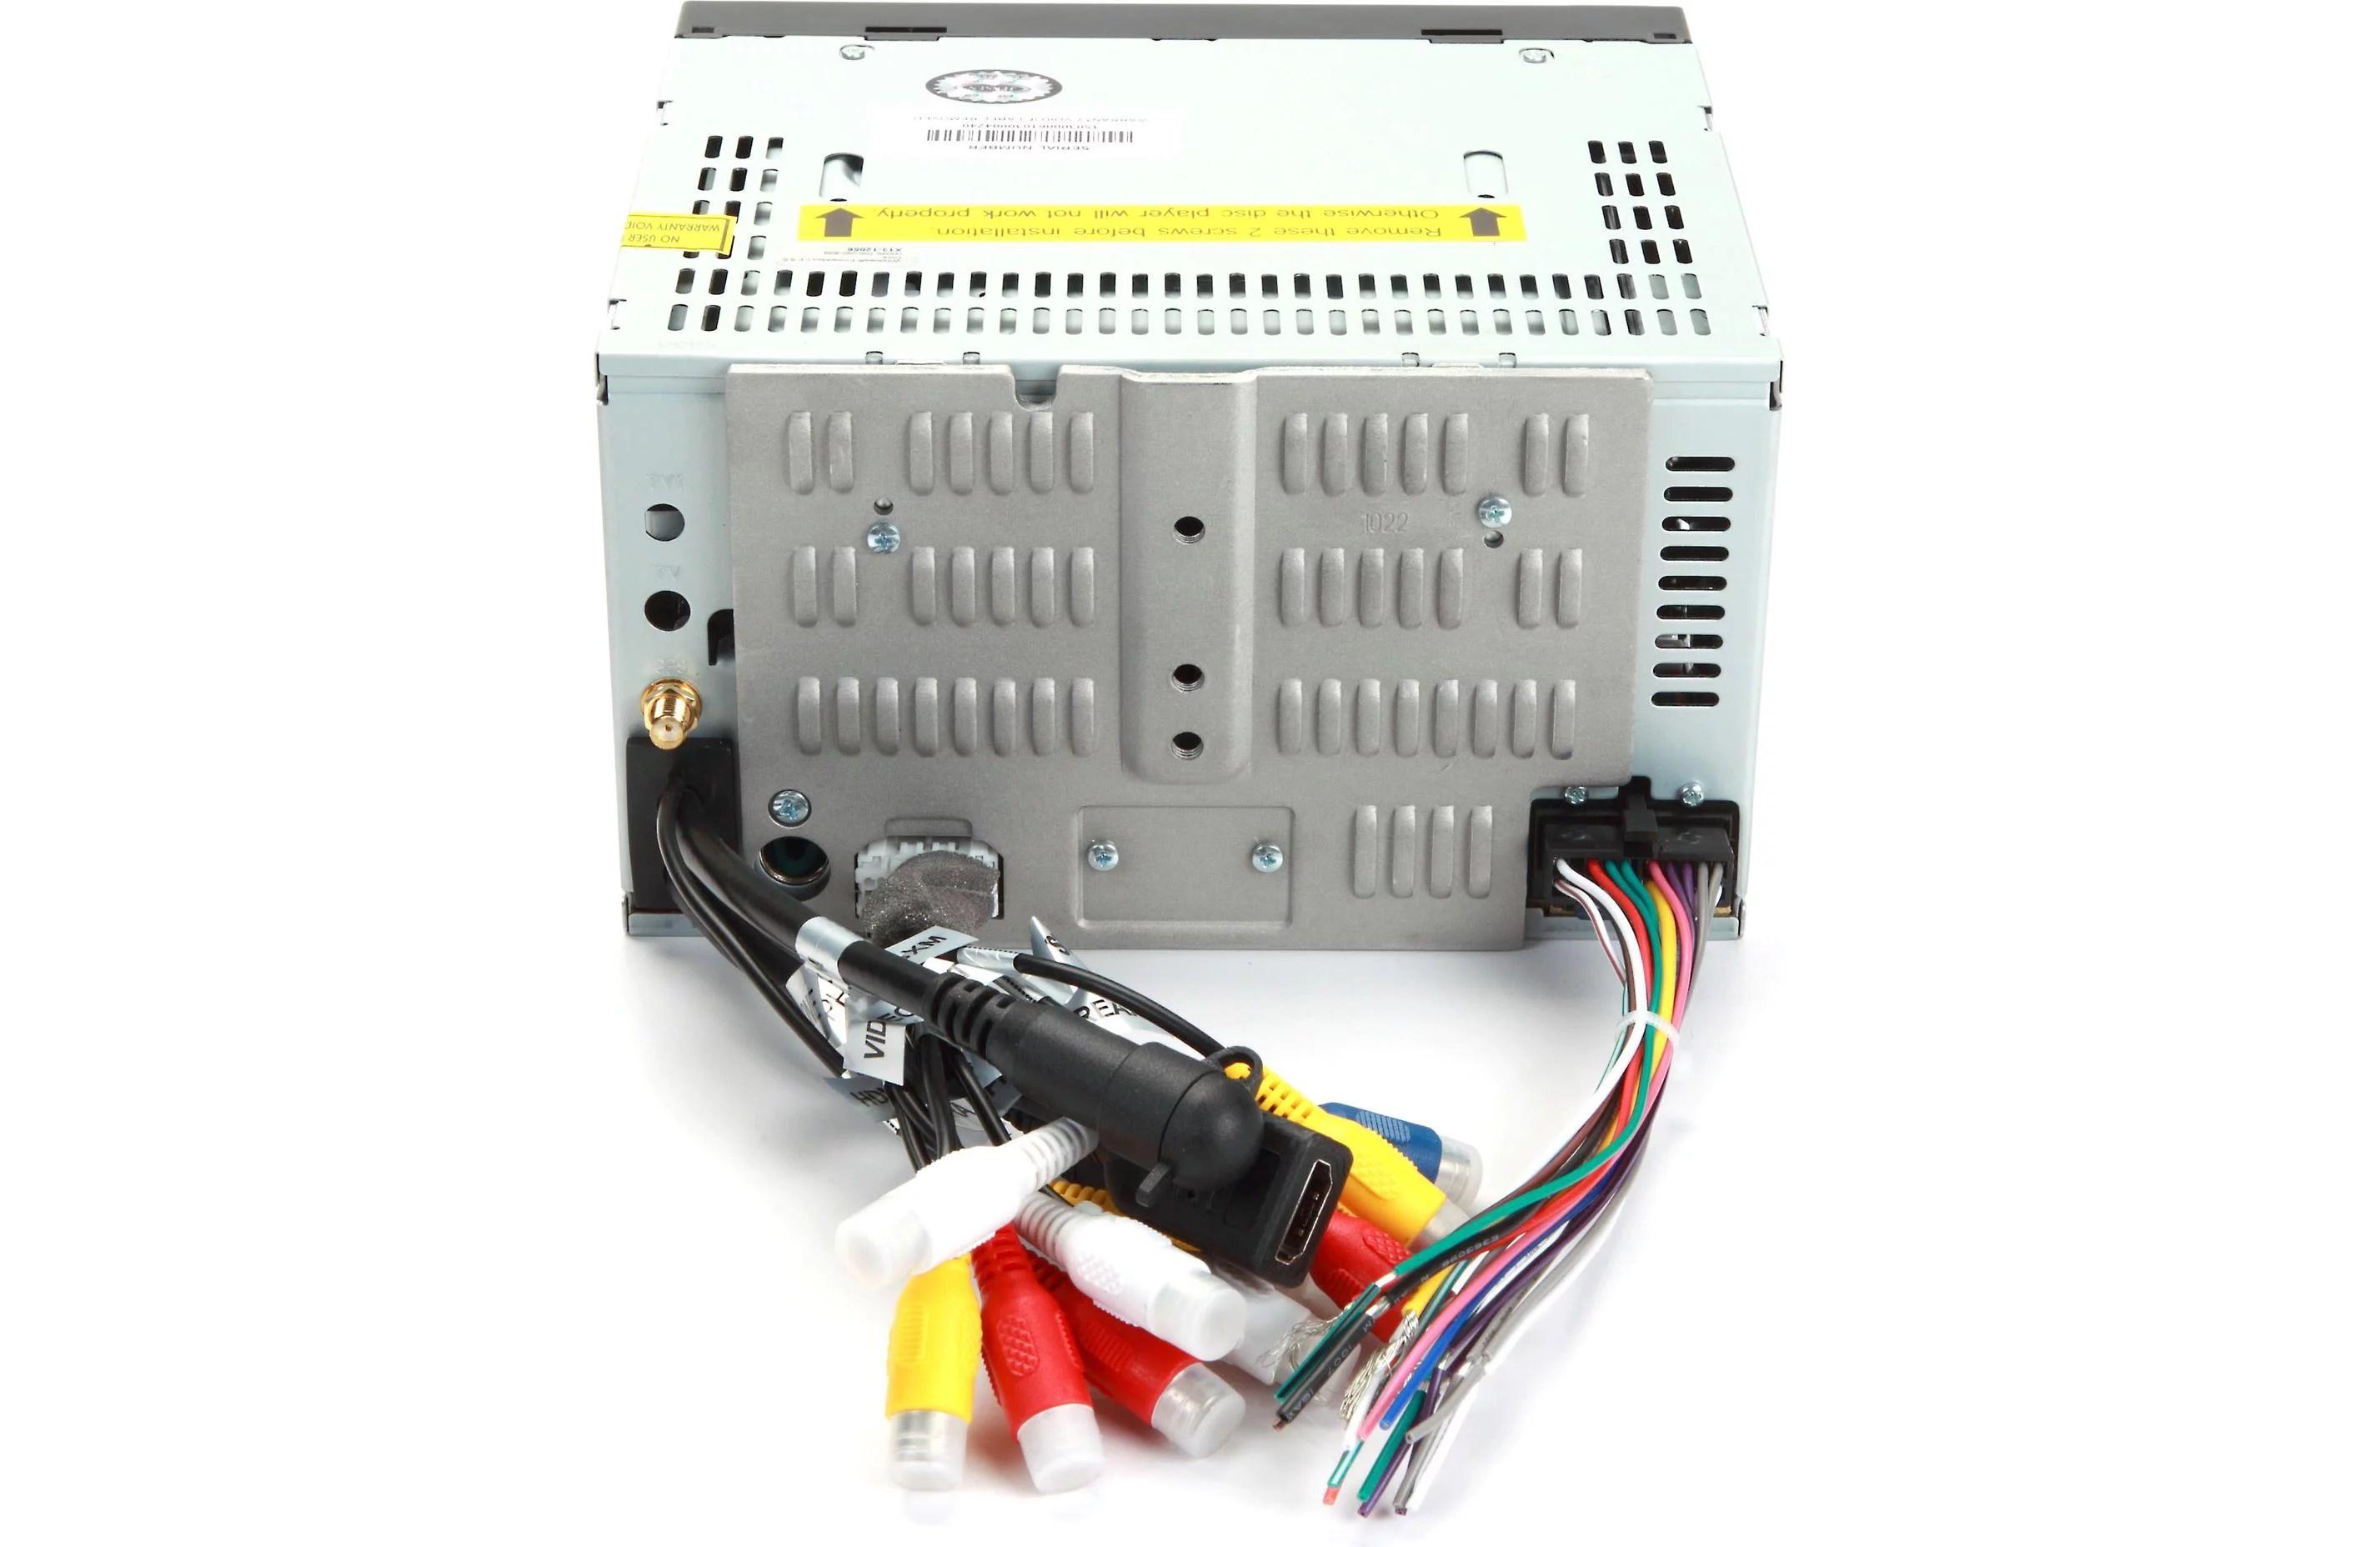 jensen wiring diagram 2000 chevy silverado trailer color code free electrical diagrams harley